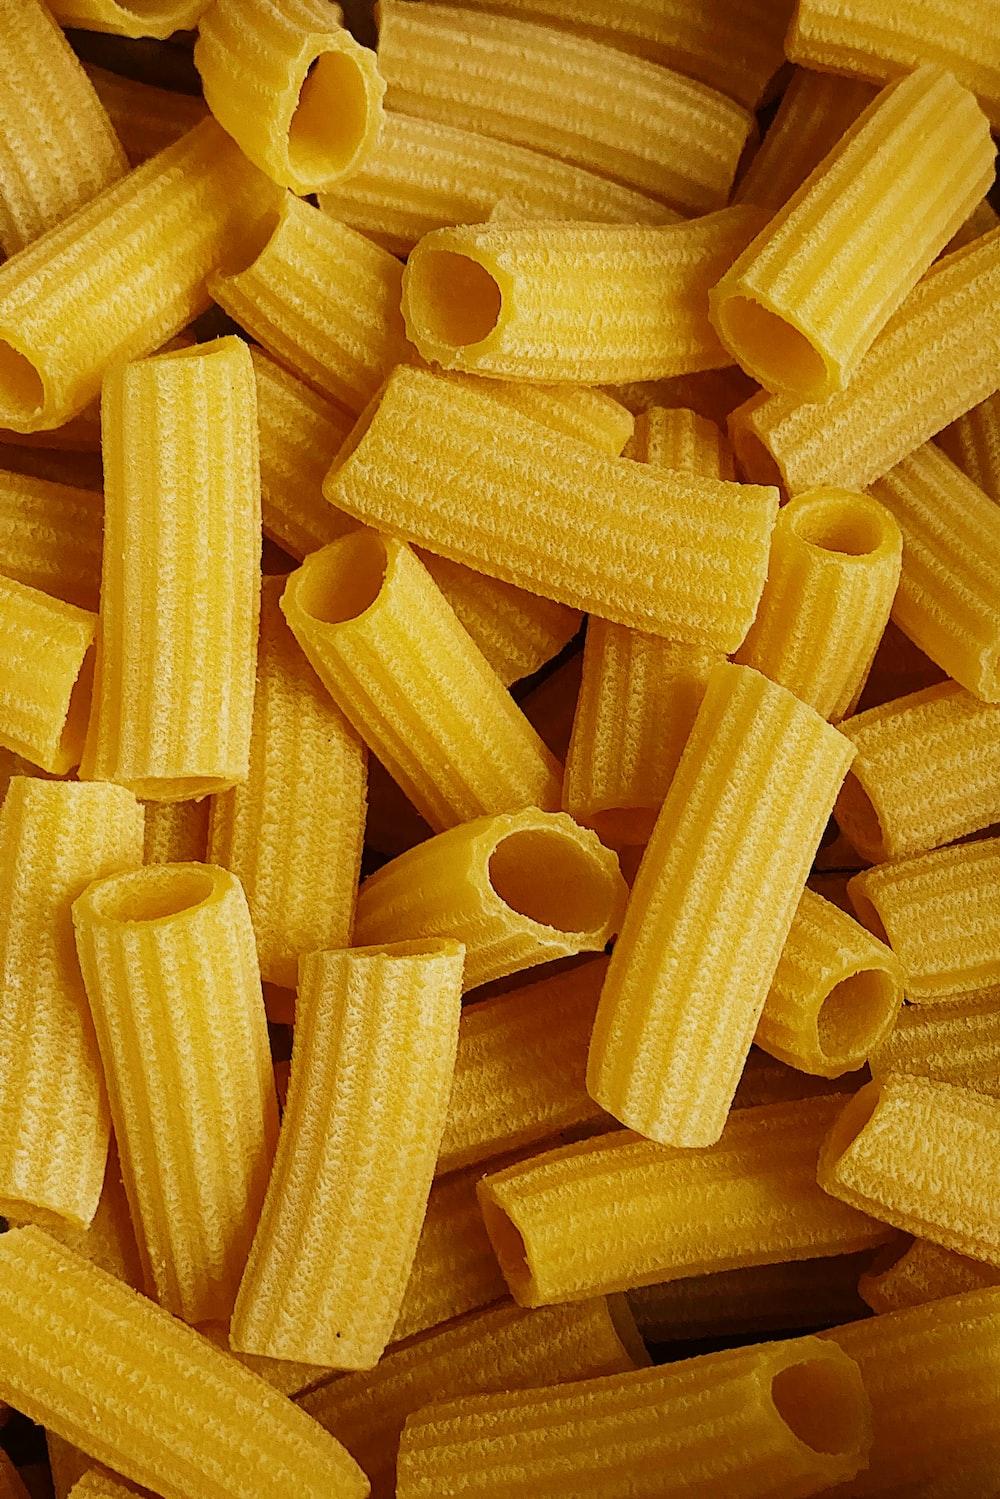 yellow corn on white textile